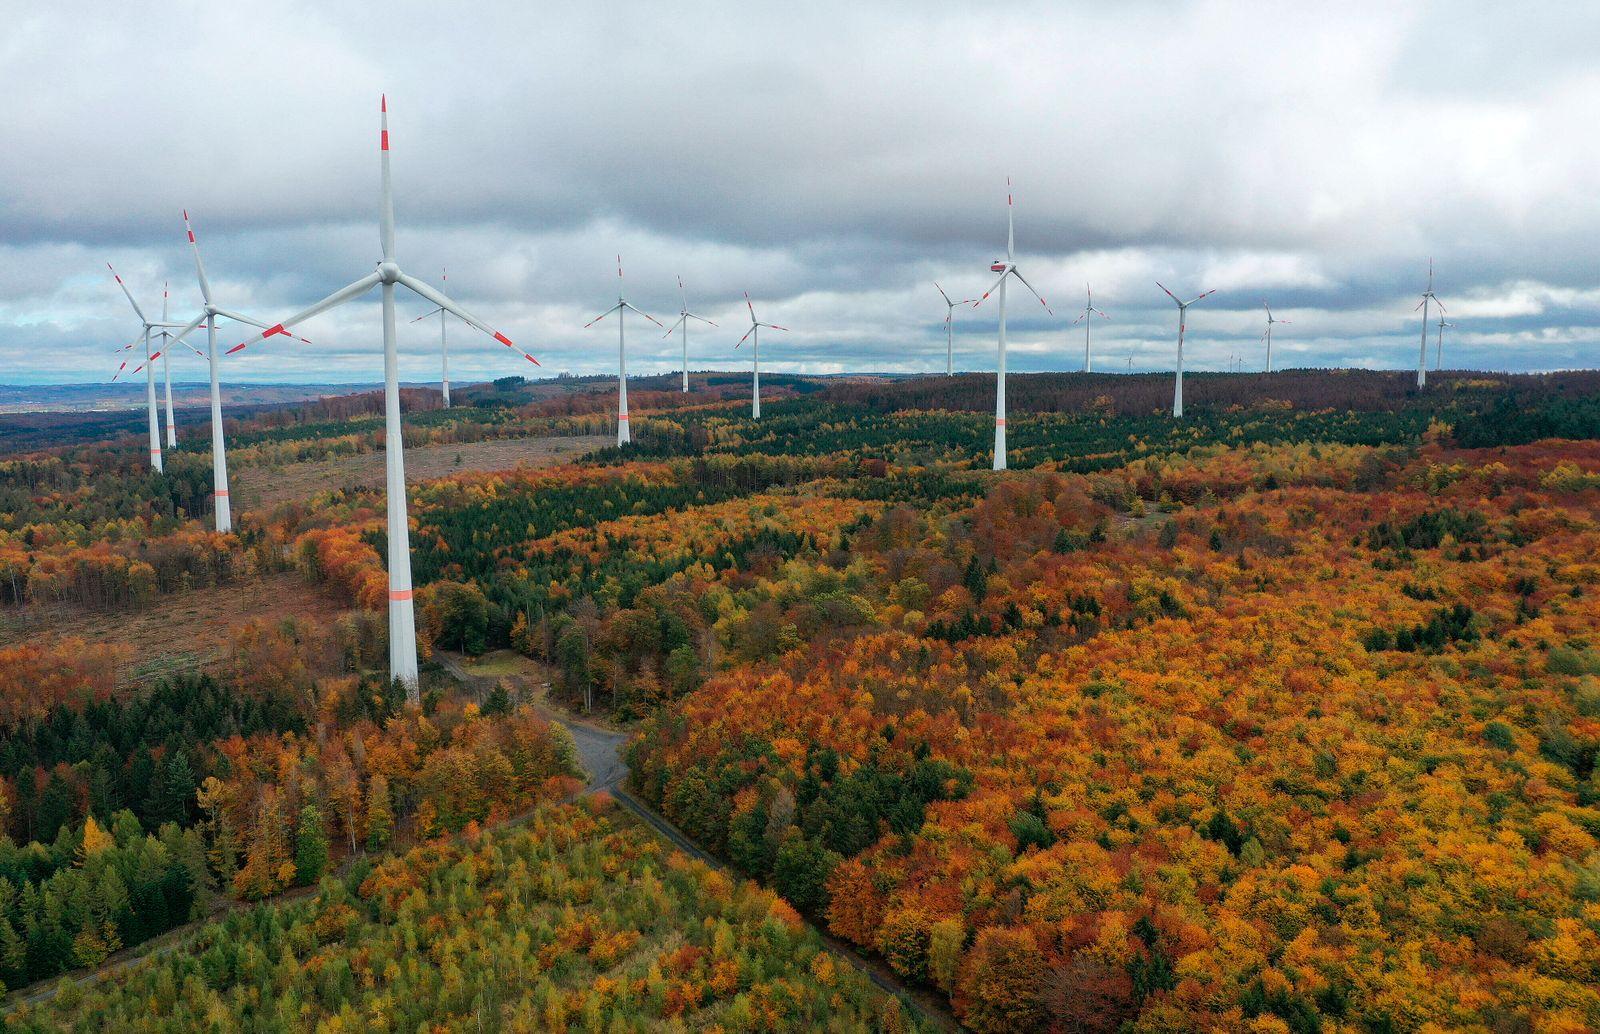 M¸ndersbach Themenfoto: Herbst, 28.10.2020 Der Windpark Hartenfelser Kopf bei der Ortschaft M¸ndersbach im Westerwald, T